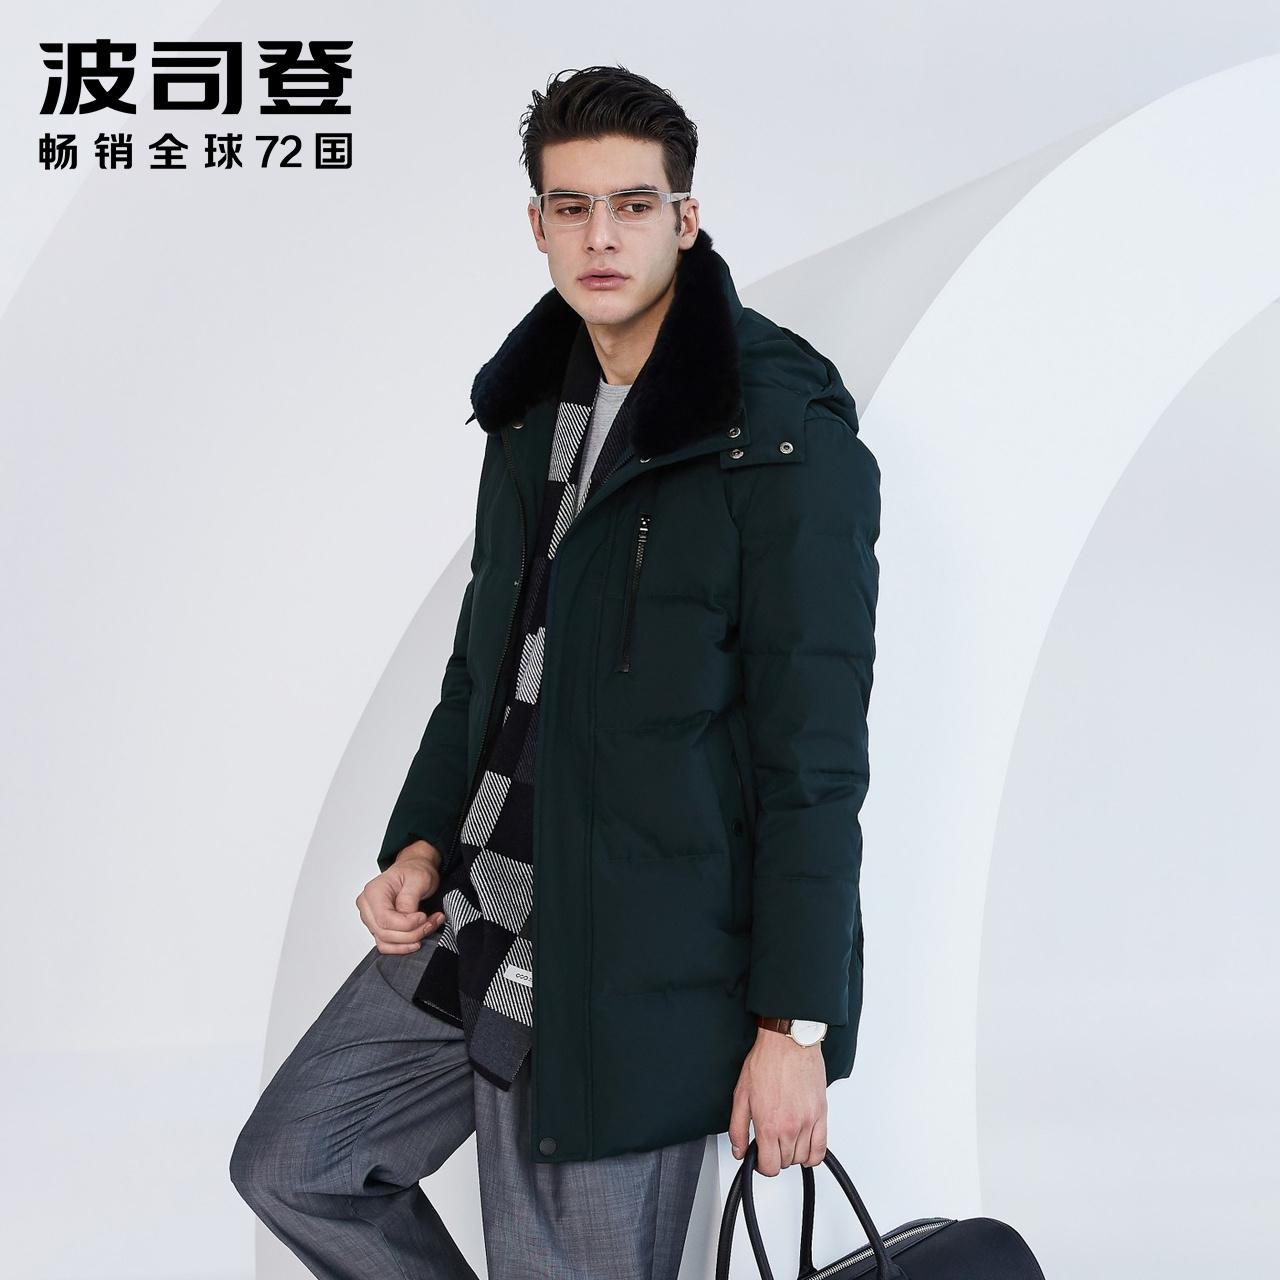 波司登中老年爸爸羽绒服男中长款可脱卸帽冬季防寒外套B80141035 1089元